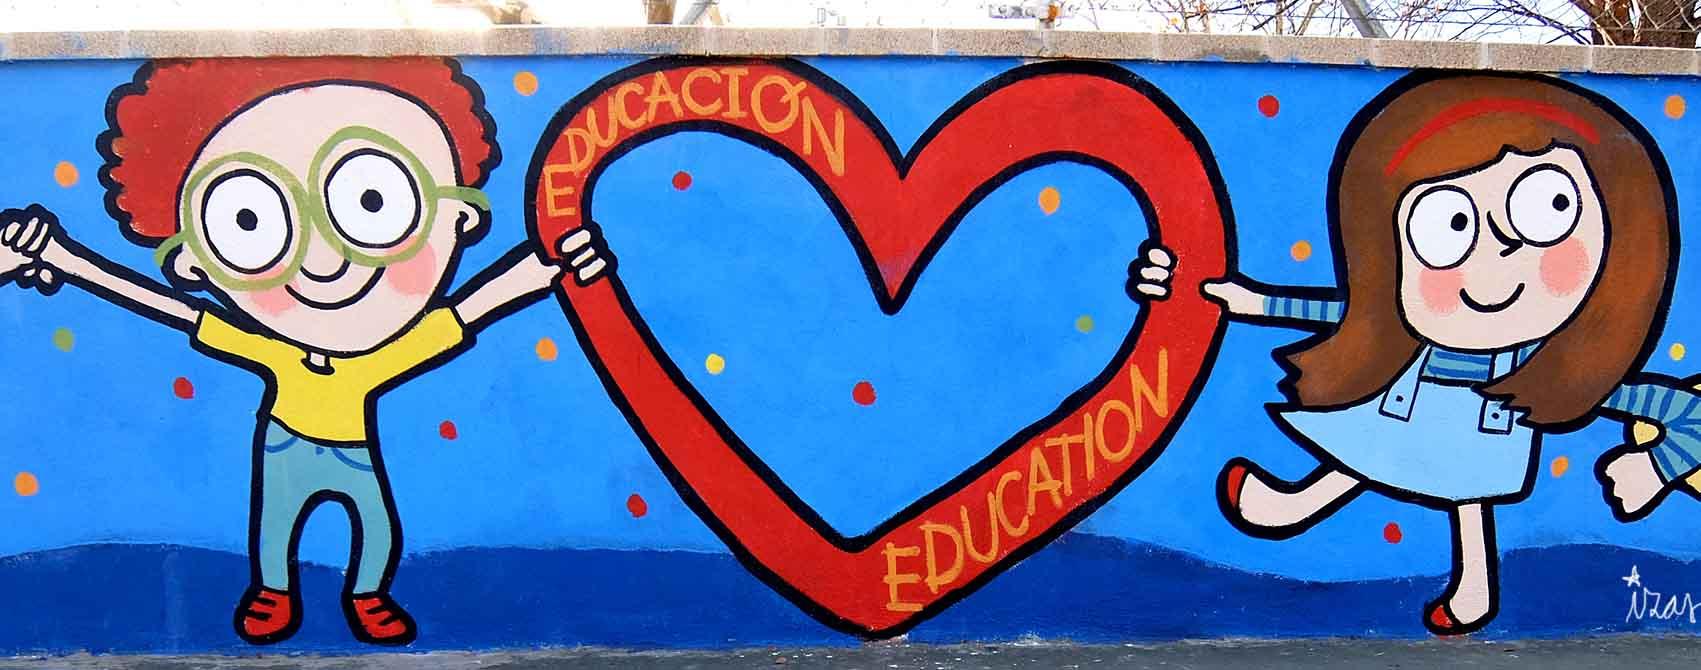 mural izas príncipe de asturias 19